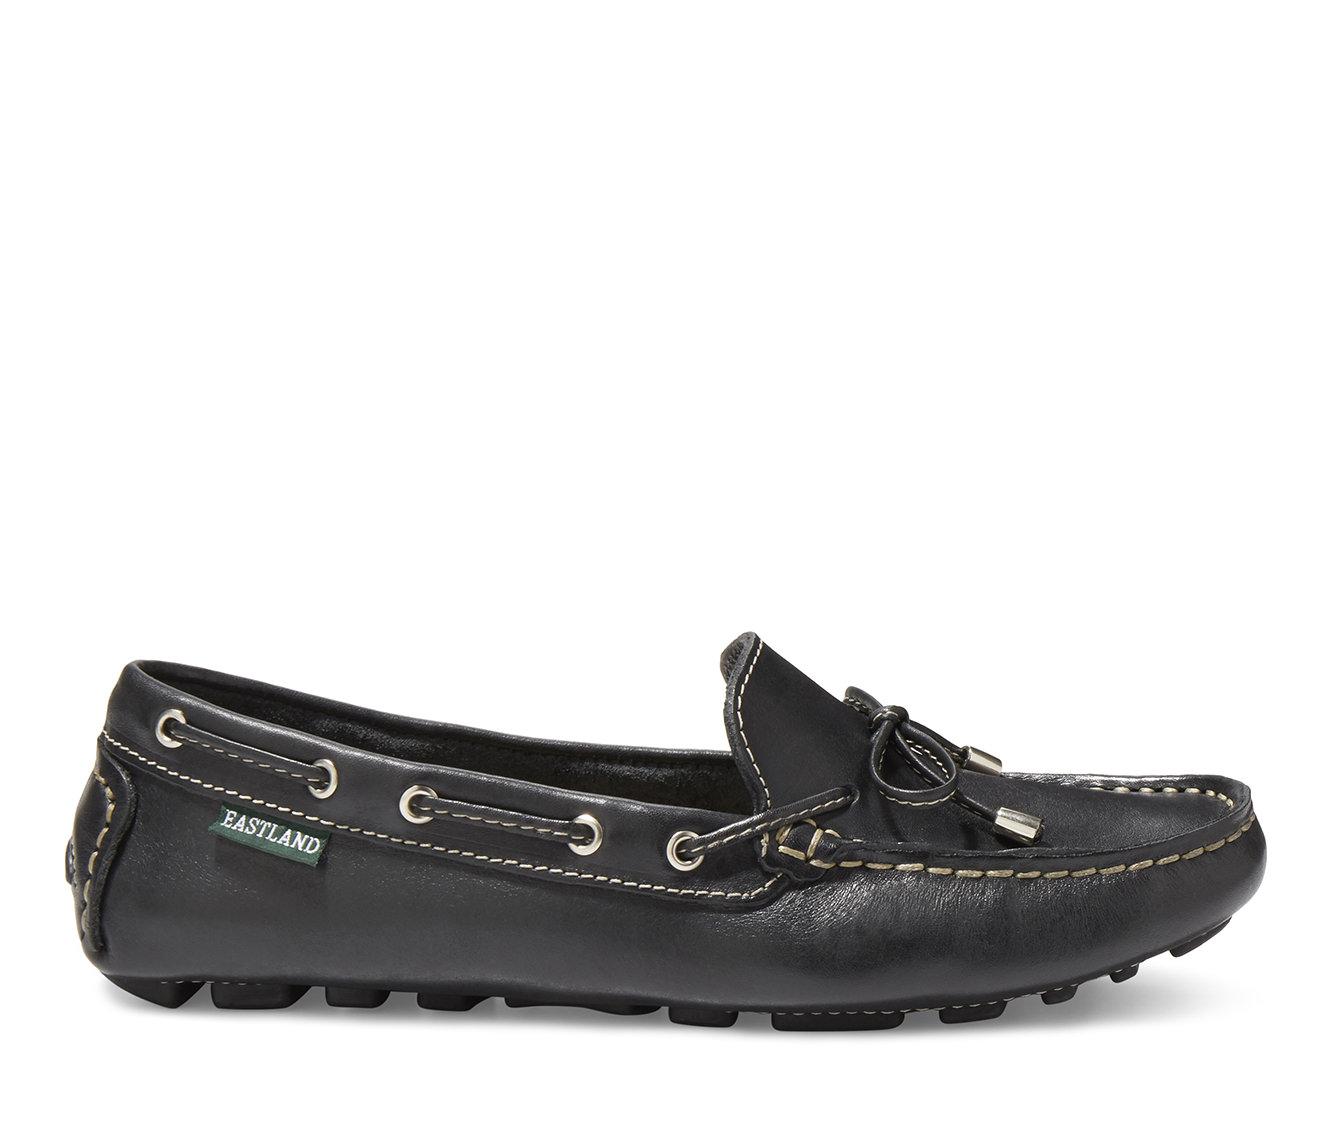 Eastland Marcella Women's Shoe (Black Leather)